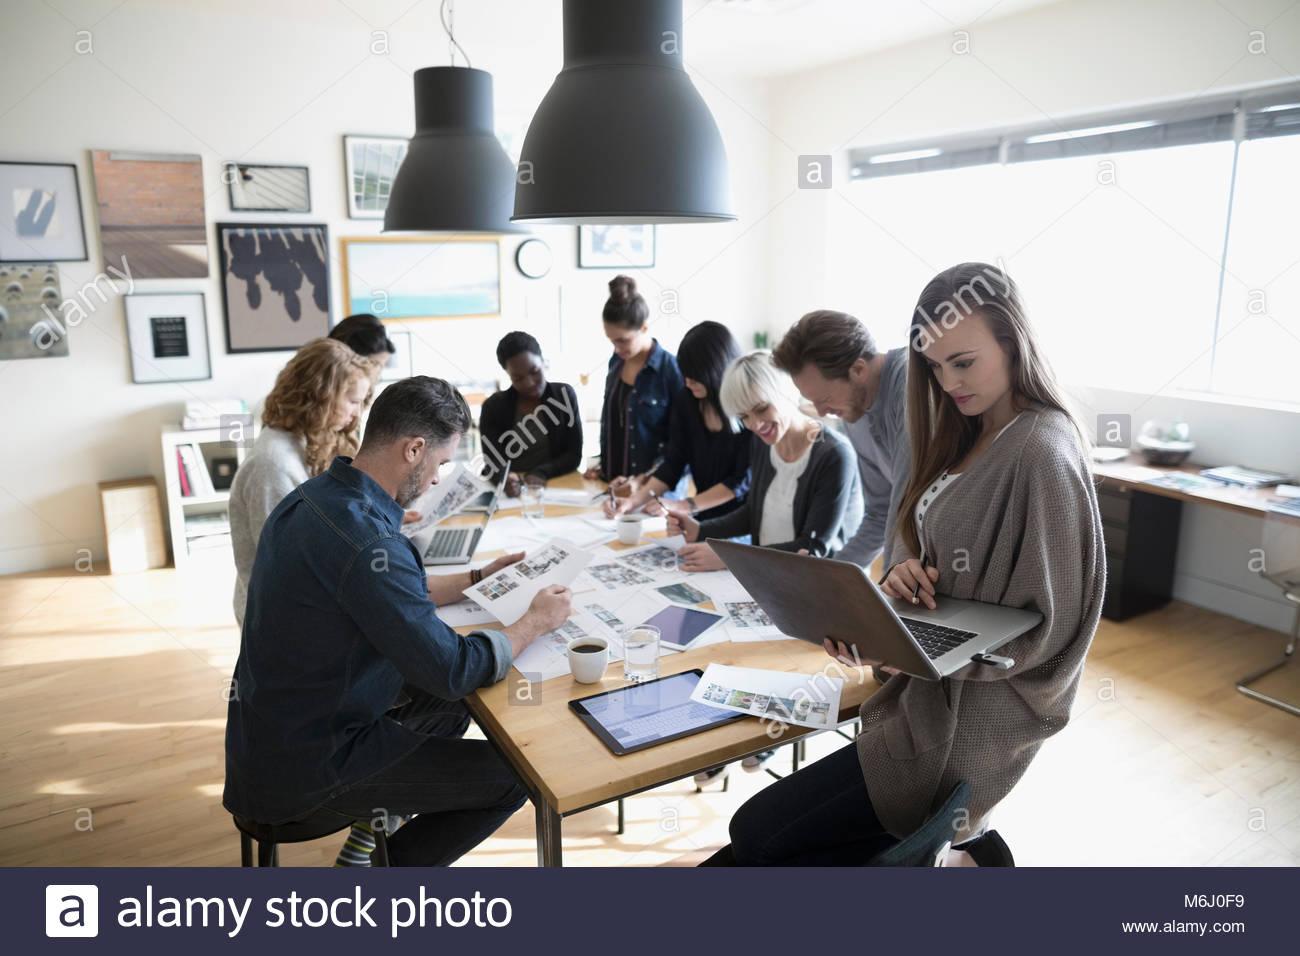 L'examen de l'équipe de production de preuves photo réunion du bureau Photo Stock